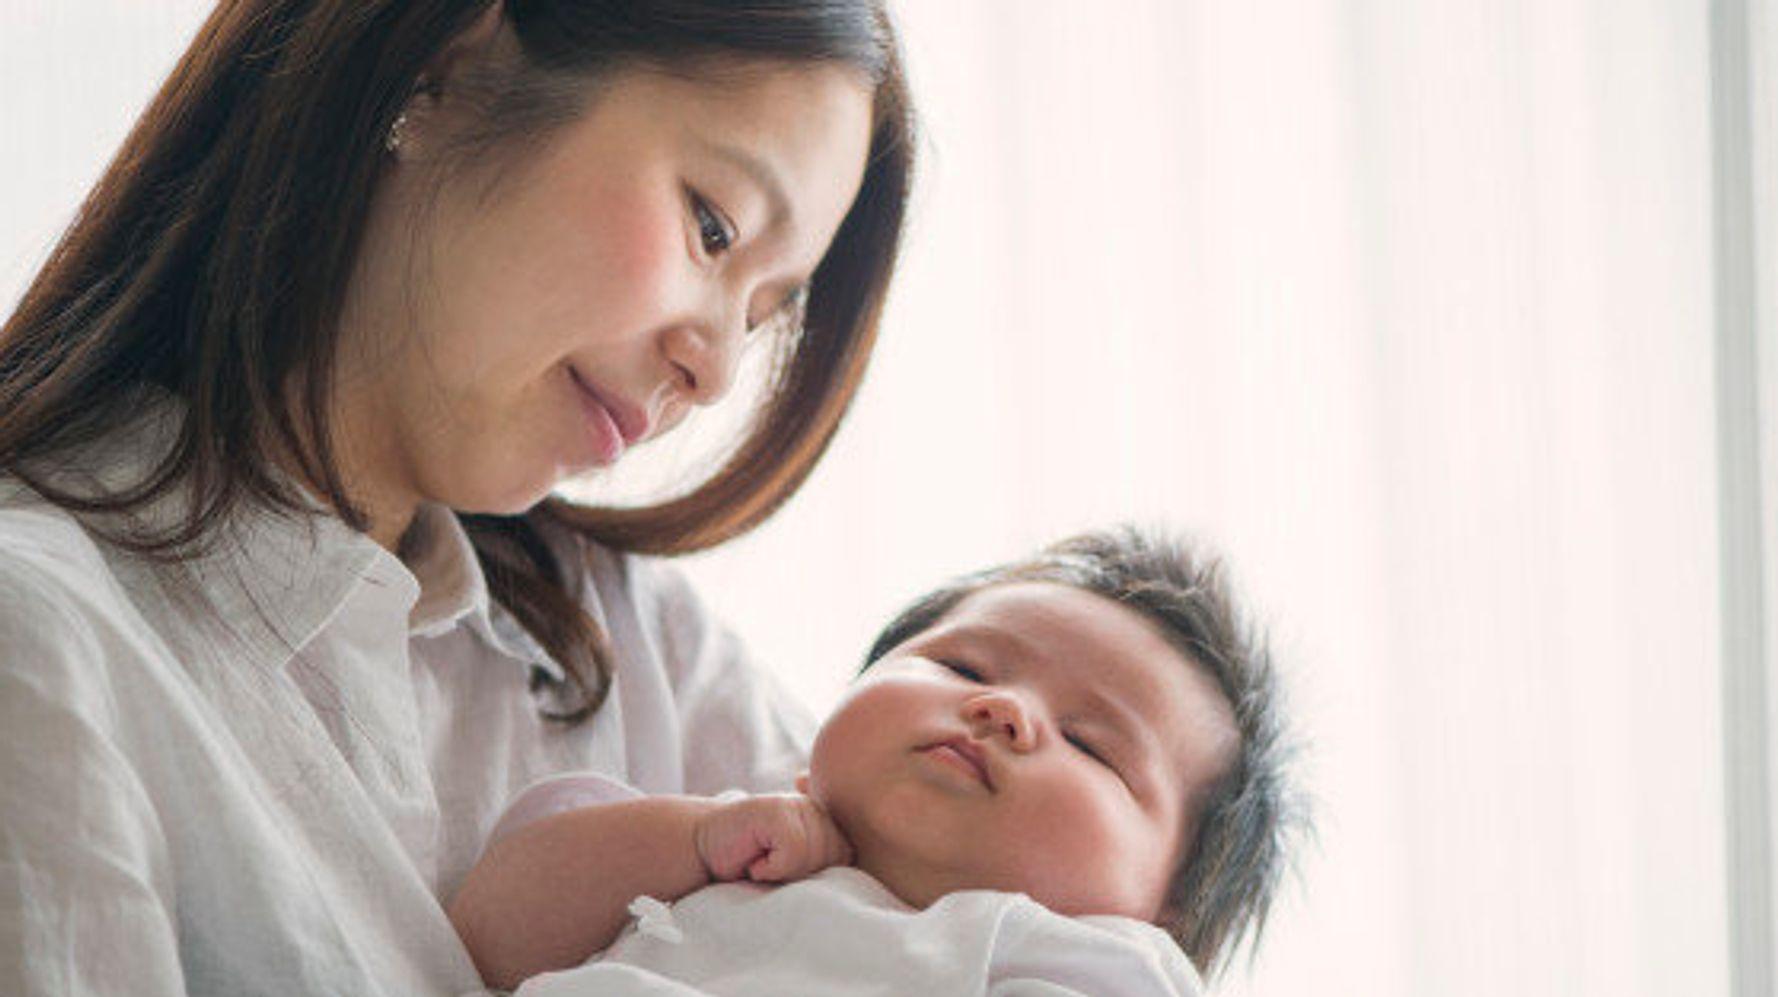 """母乳育児の悩みに""""理系""""を取り入れたら解消!?  大人気ブロガーの素顔は...... 研究者であり二児のママ"""